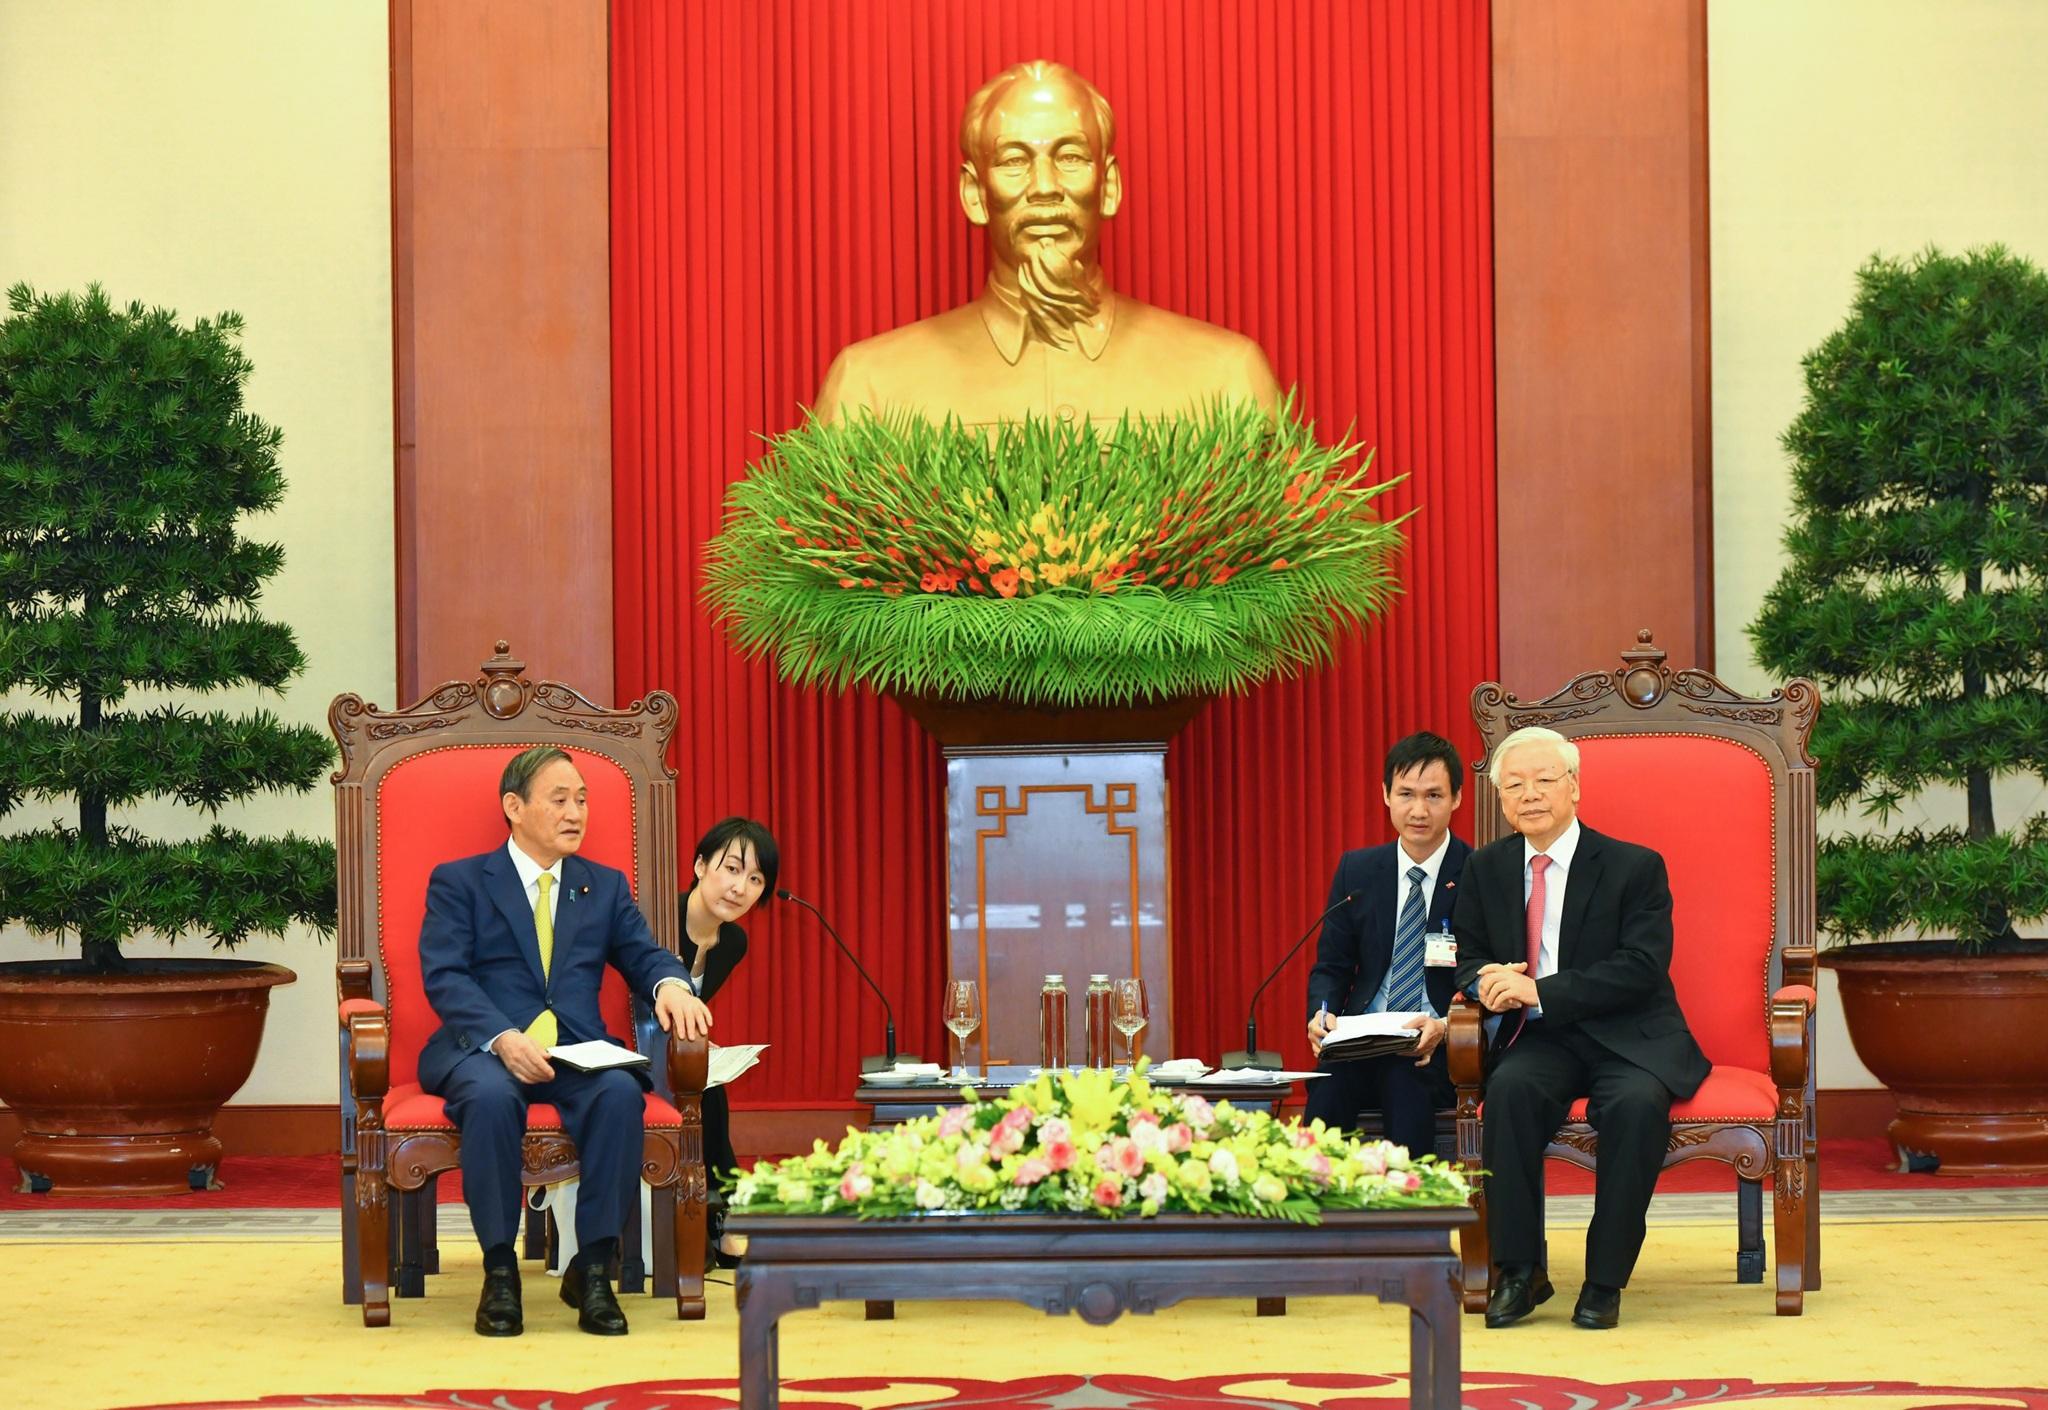 Tổng Bí thư, Chủ tịch nước Nguyễn Phú Trọng tiếp Thủ tướng Nhật Bản - 3